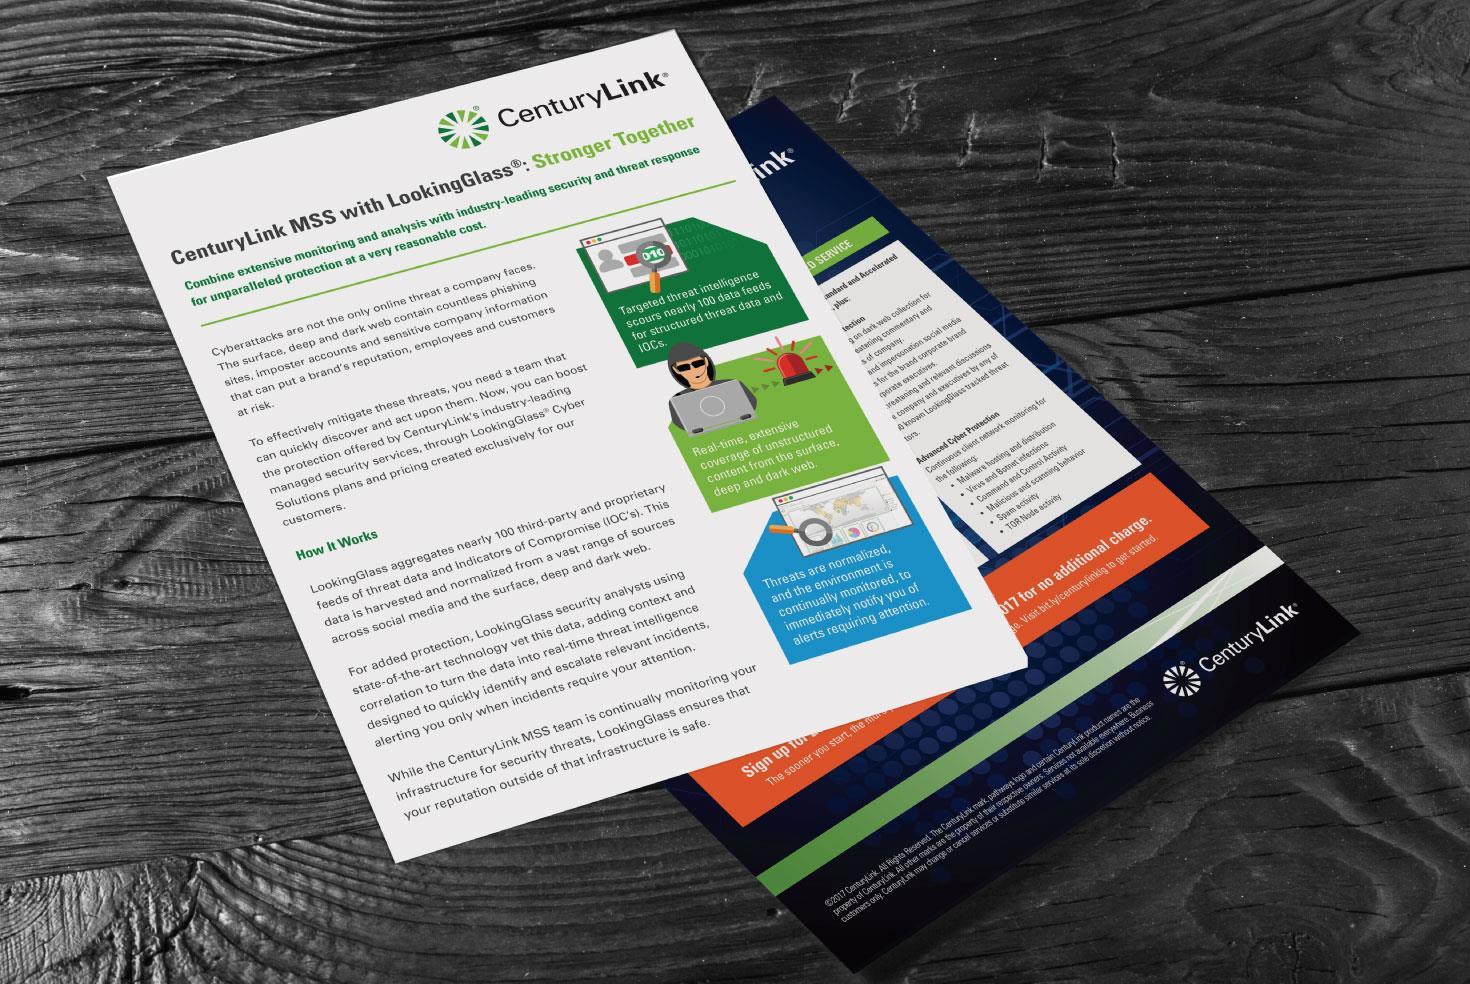 Lead Nurturing/Customer Retention